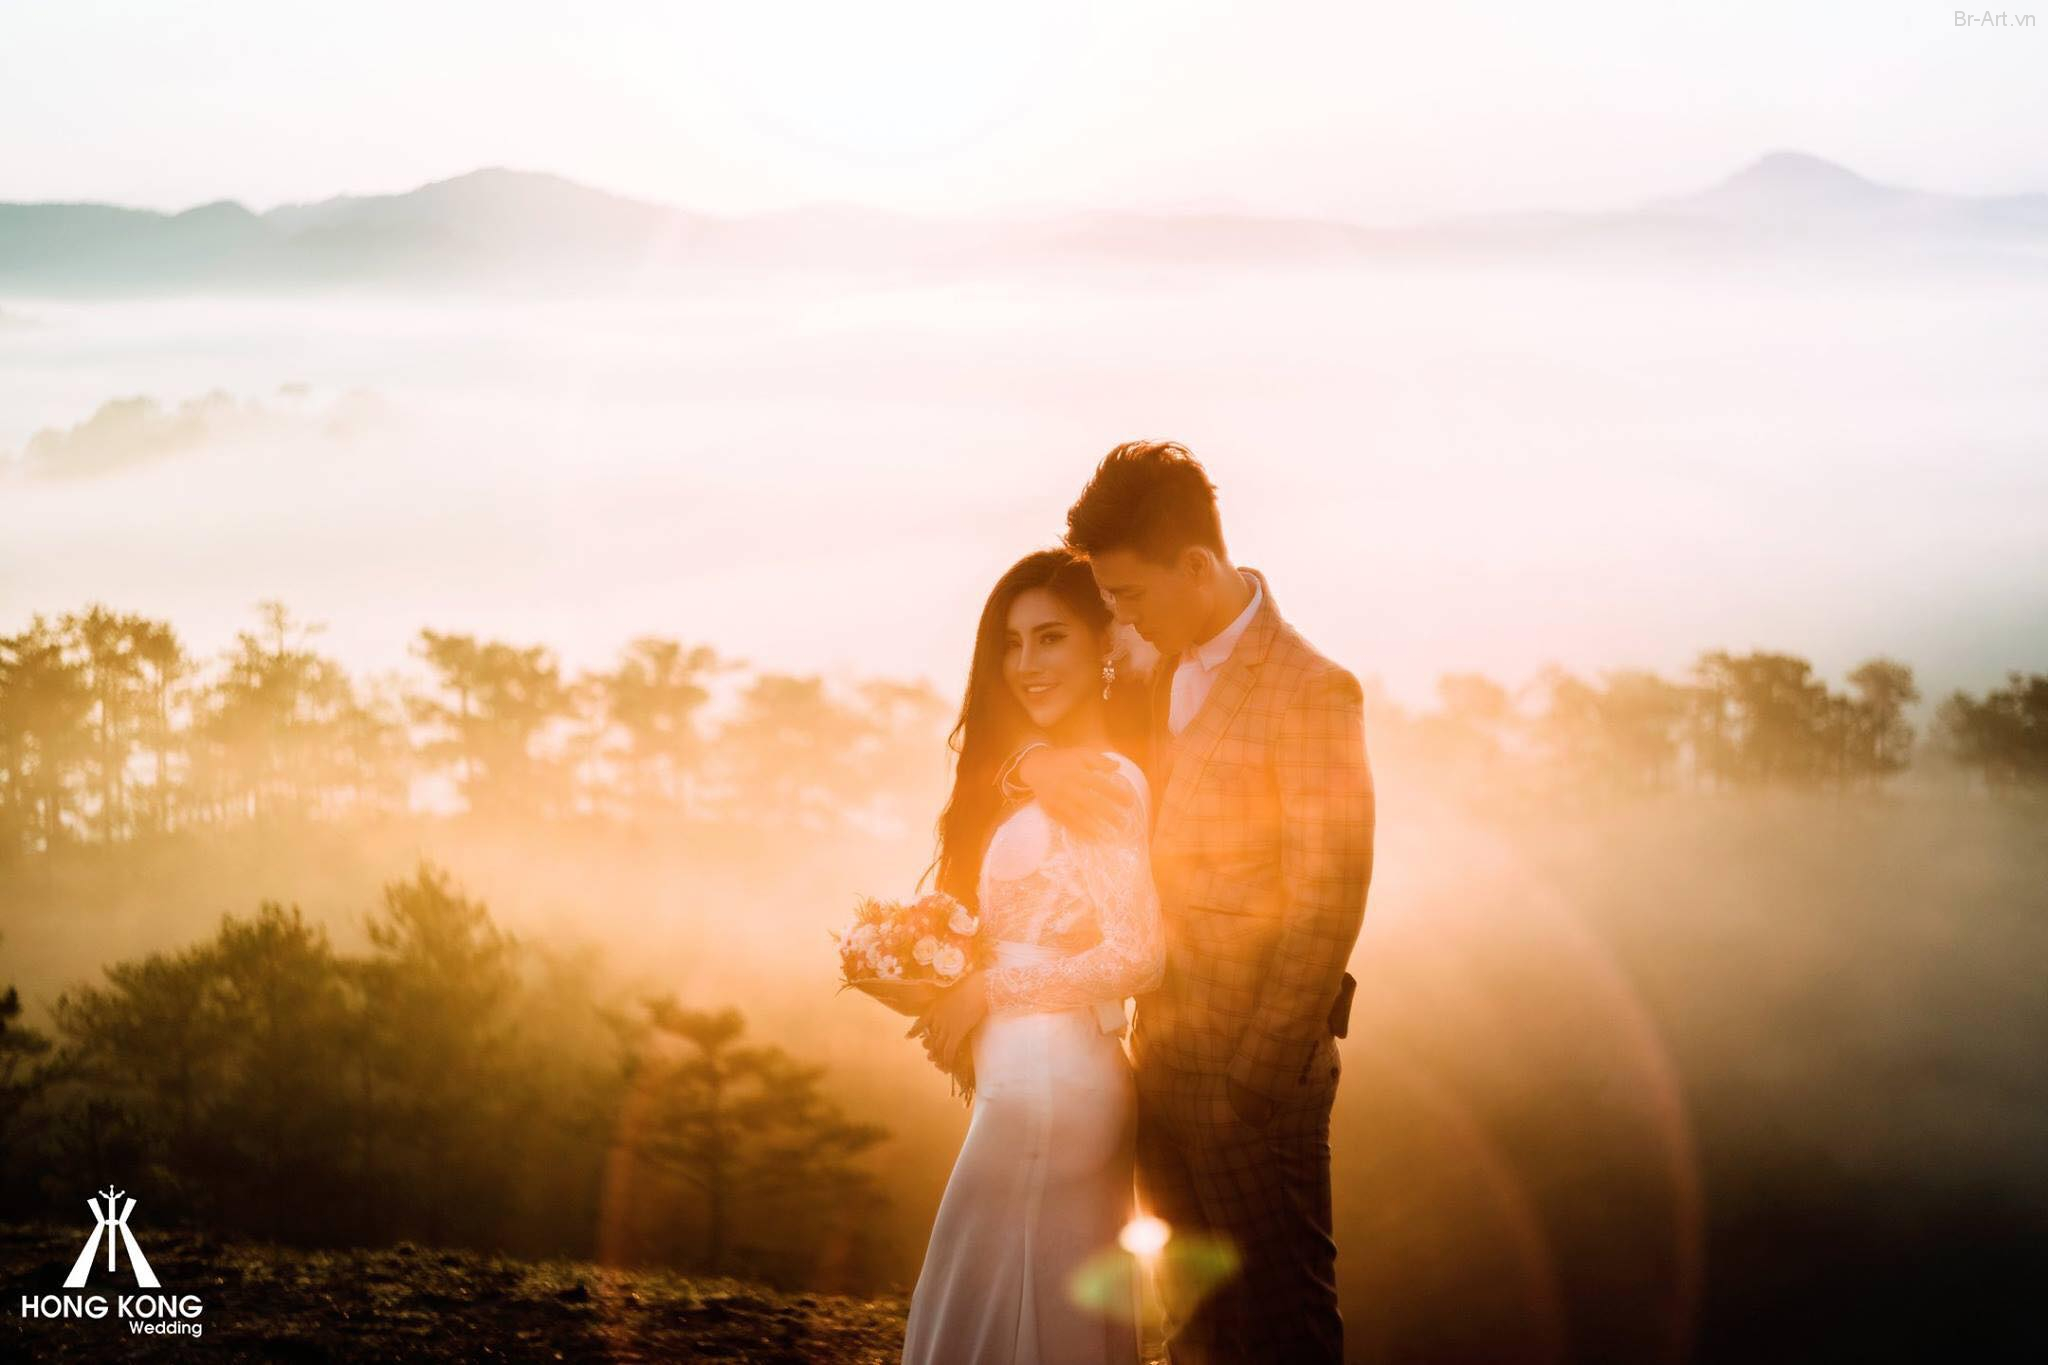 Ảnh Cưới Đà Lạt Ngược Nắng Trong Sương Mù. Chùm ảnh cưới ngược nắng rất đẹp của cặp đôi trên Đà Lạt.